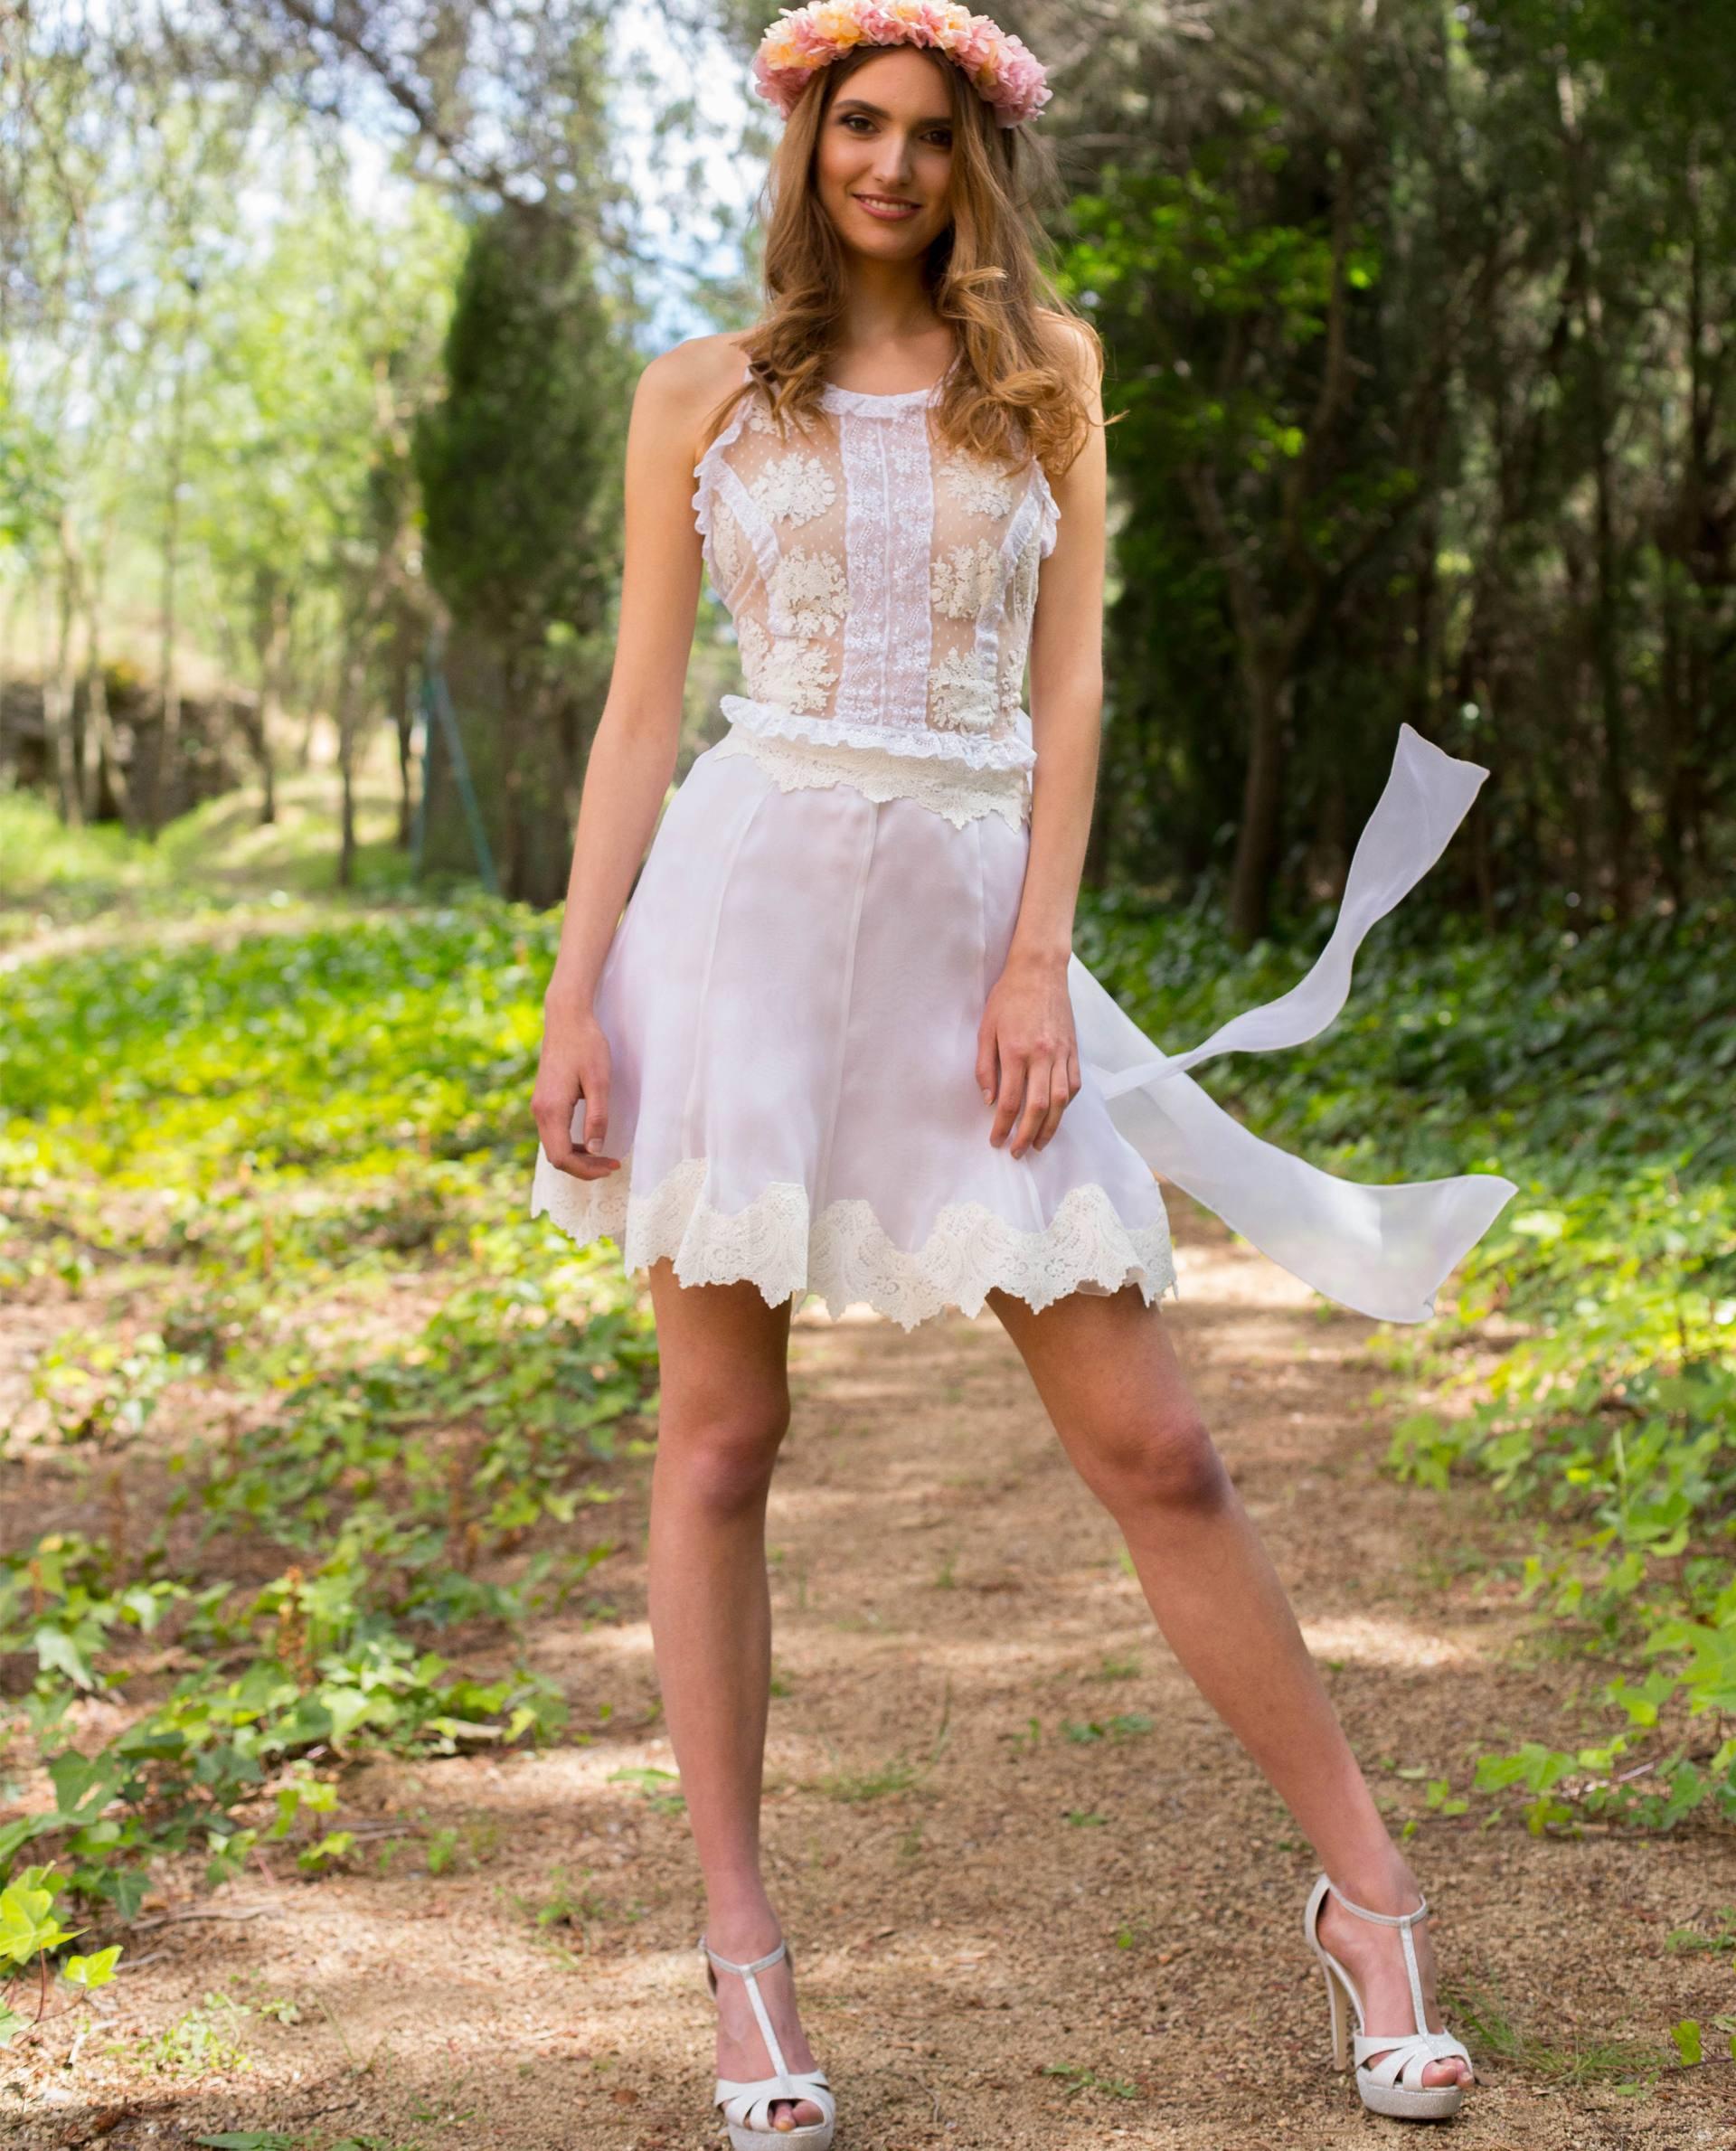 Falda corta para novias decididas